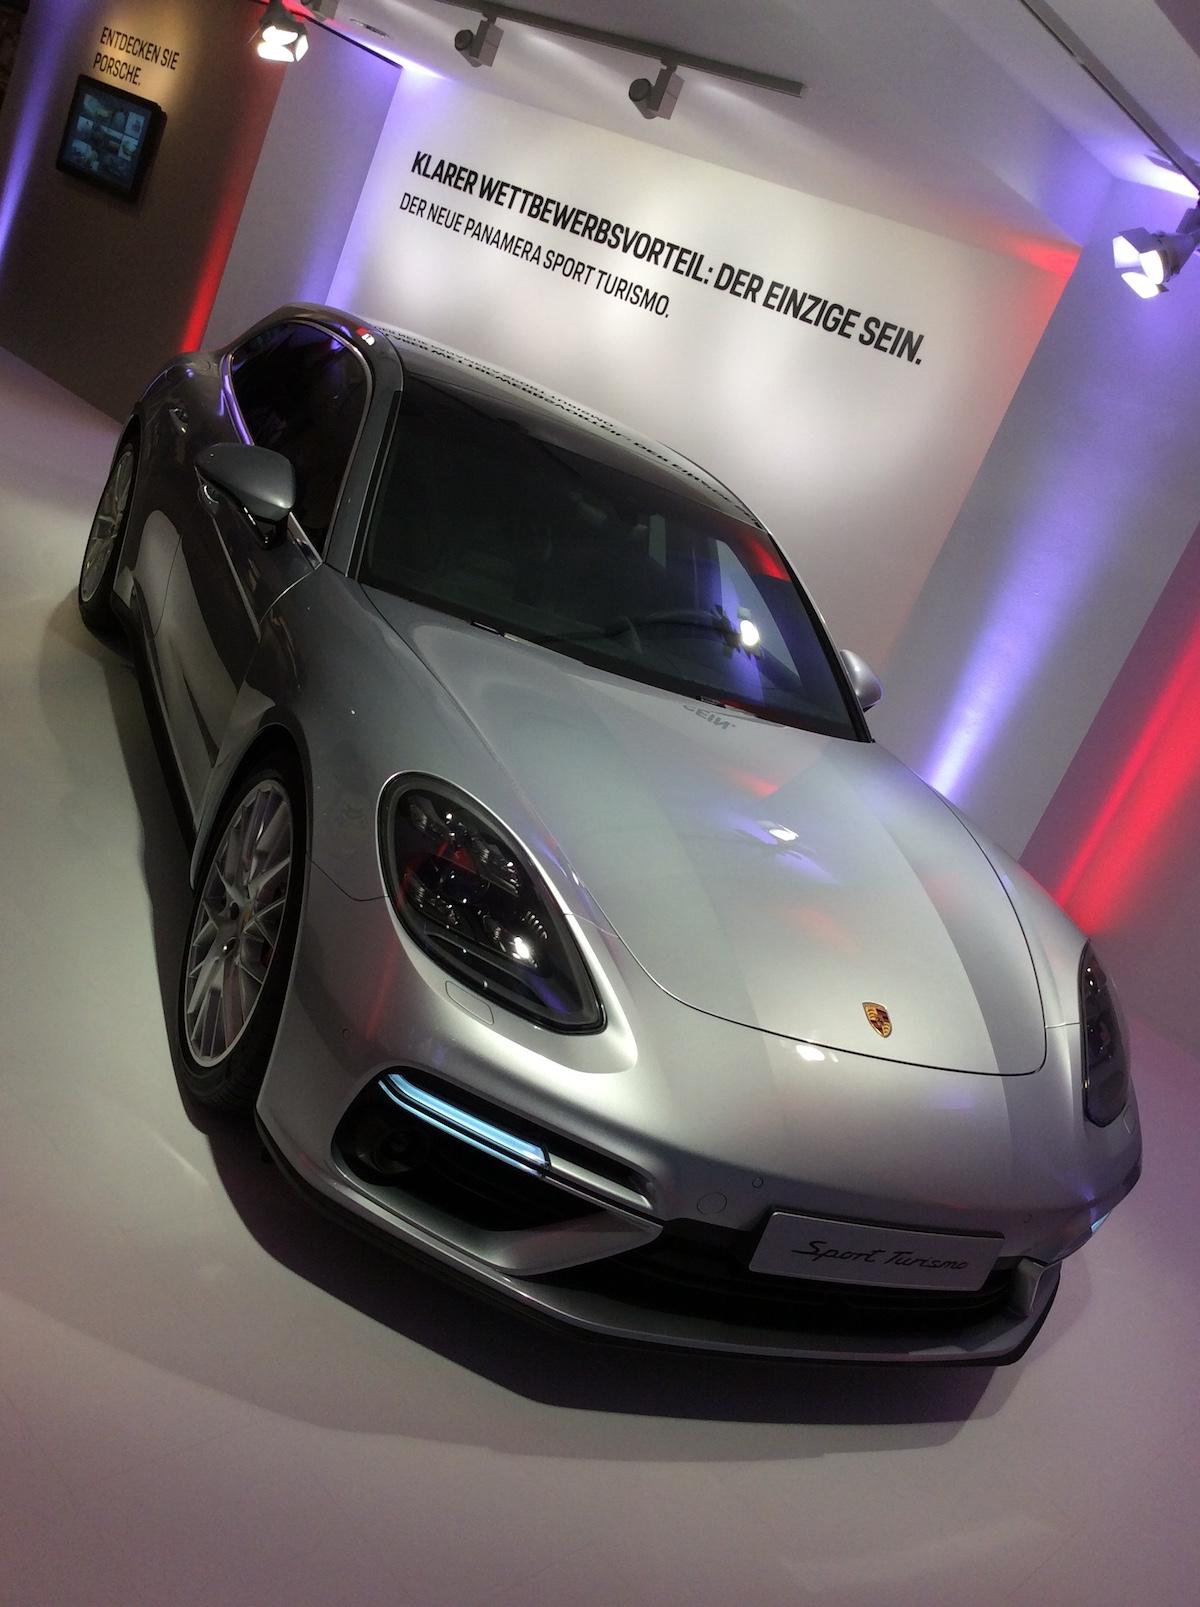 porsche exclusive manufaktur sportwagen limitiert veredelt modelle sportlimousinen individualisiert store shop luxus luxusmarke zürich paradeplatz porsche-panamera-sport-turismo schweiz